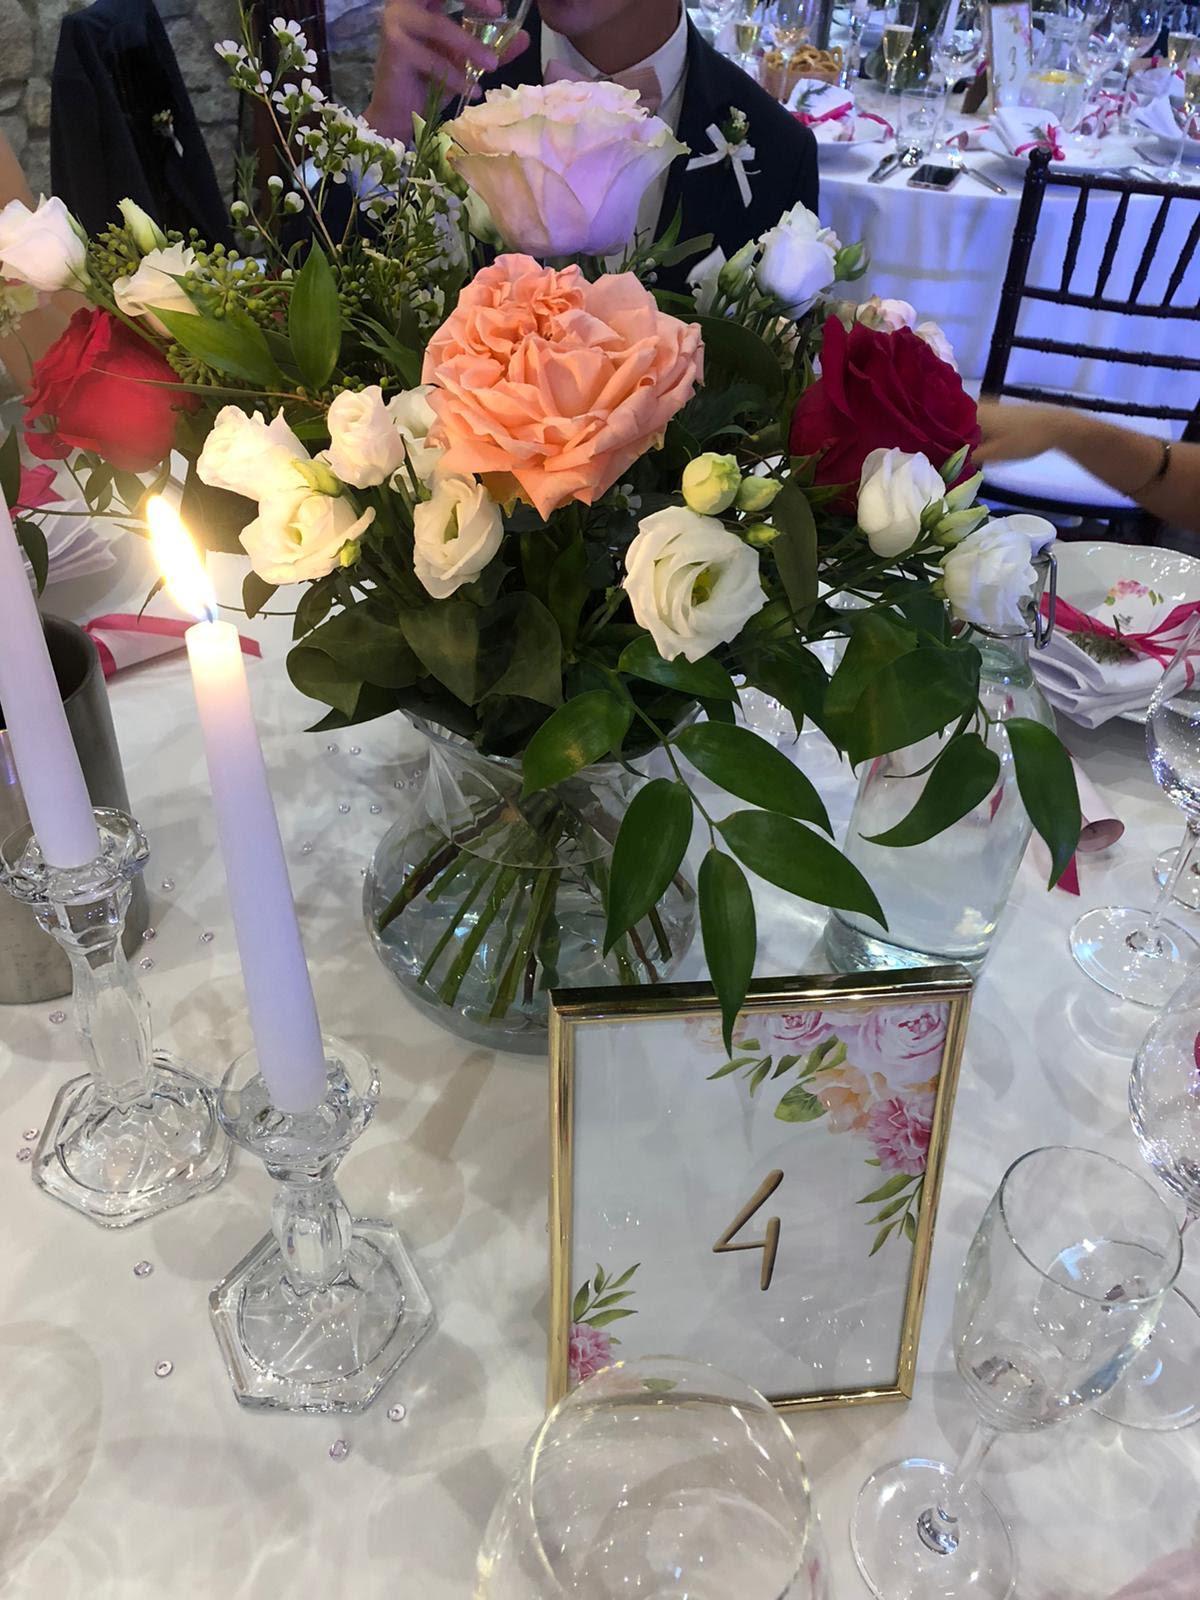 Ružová, kvety, romantika 🙂💜 - Obrázok č. 1